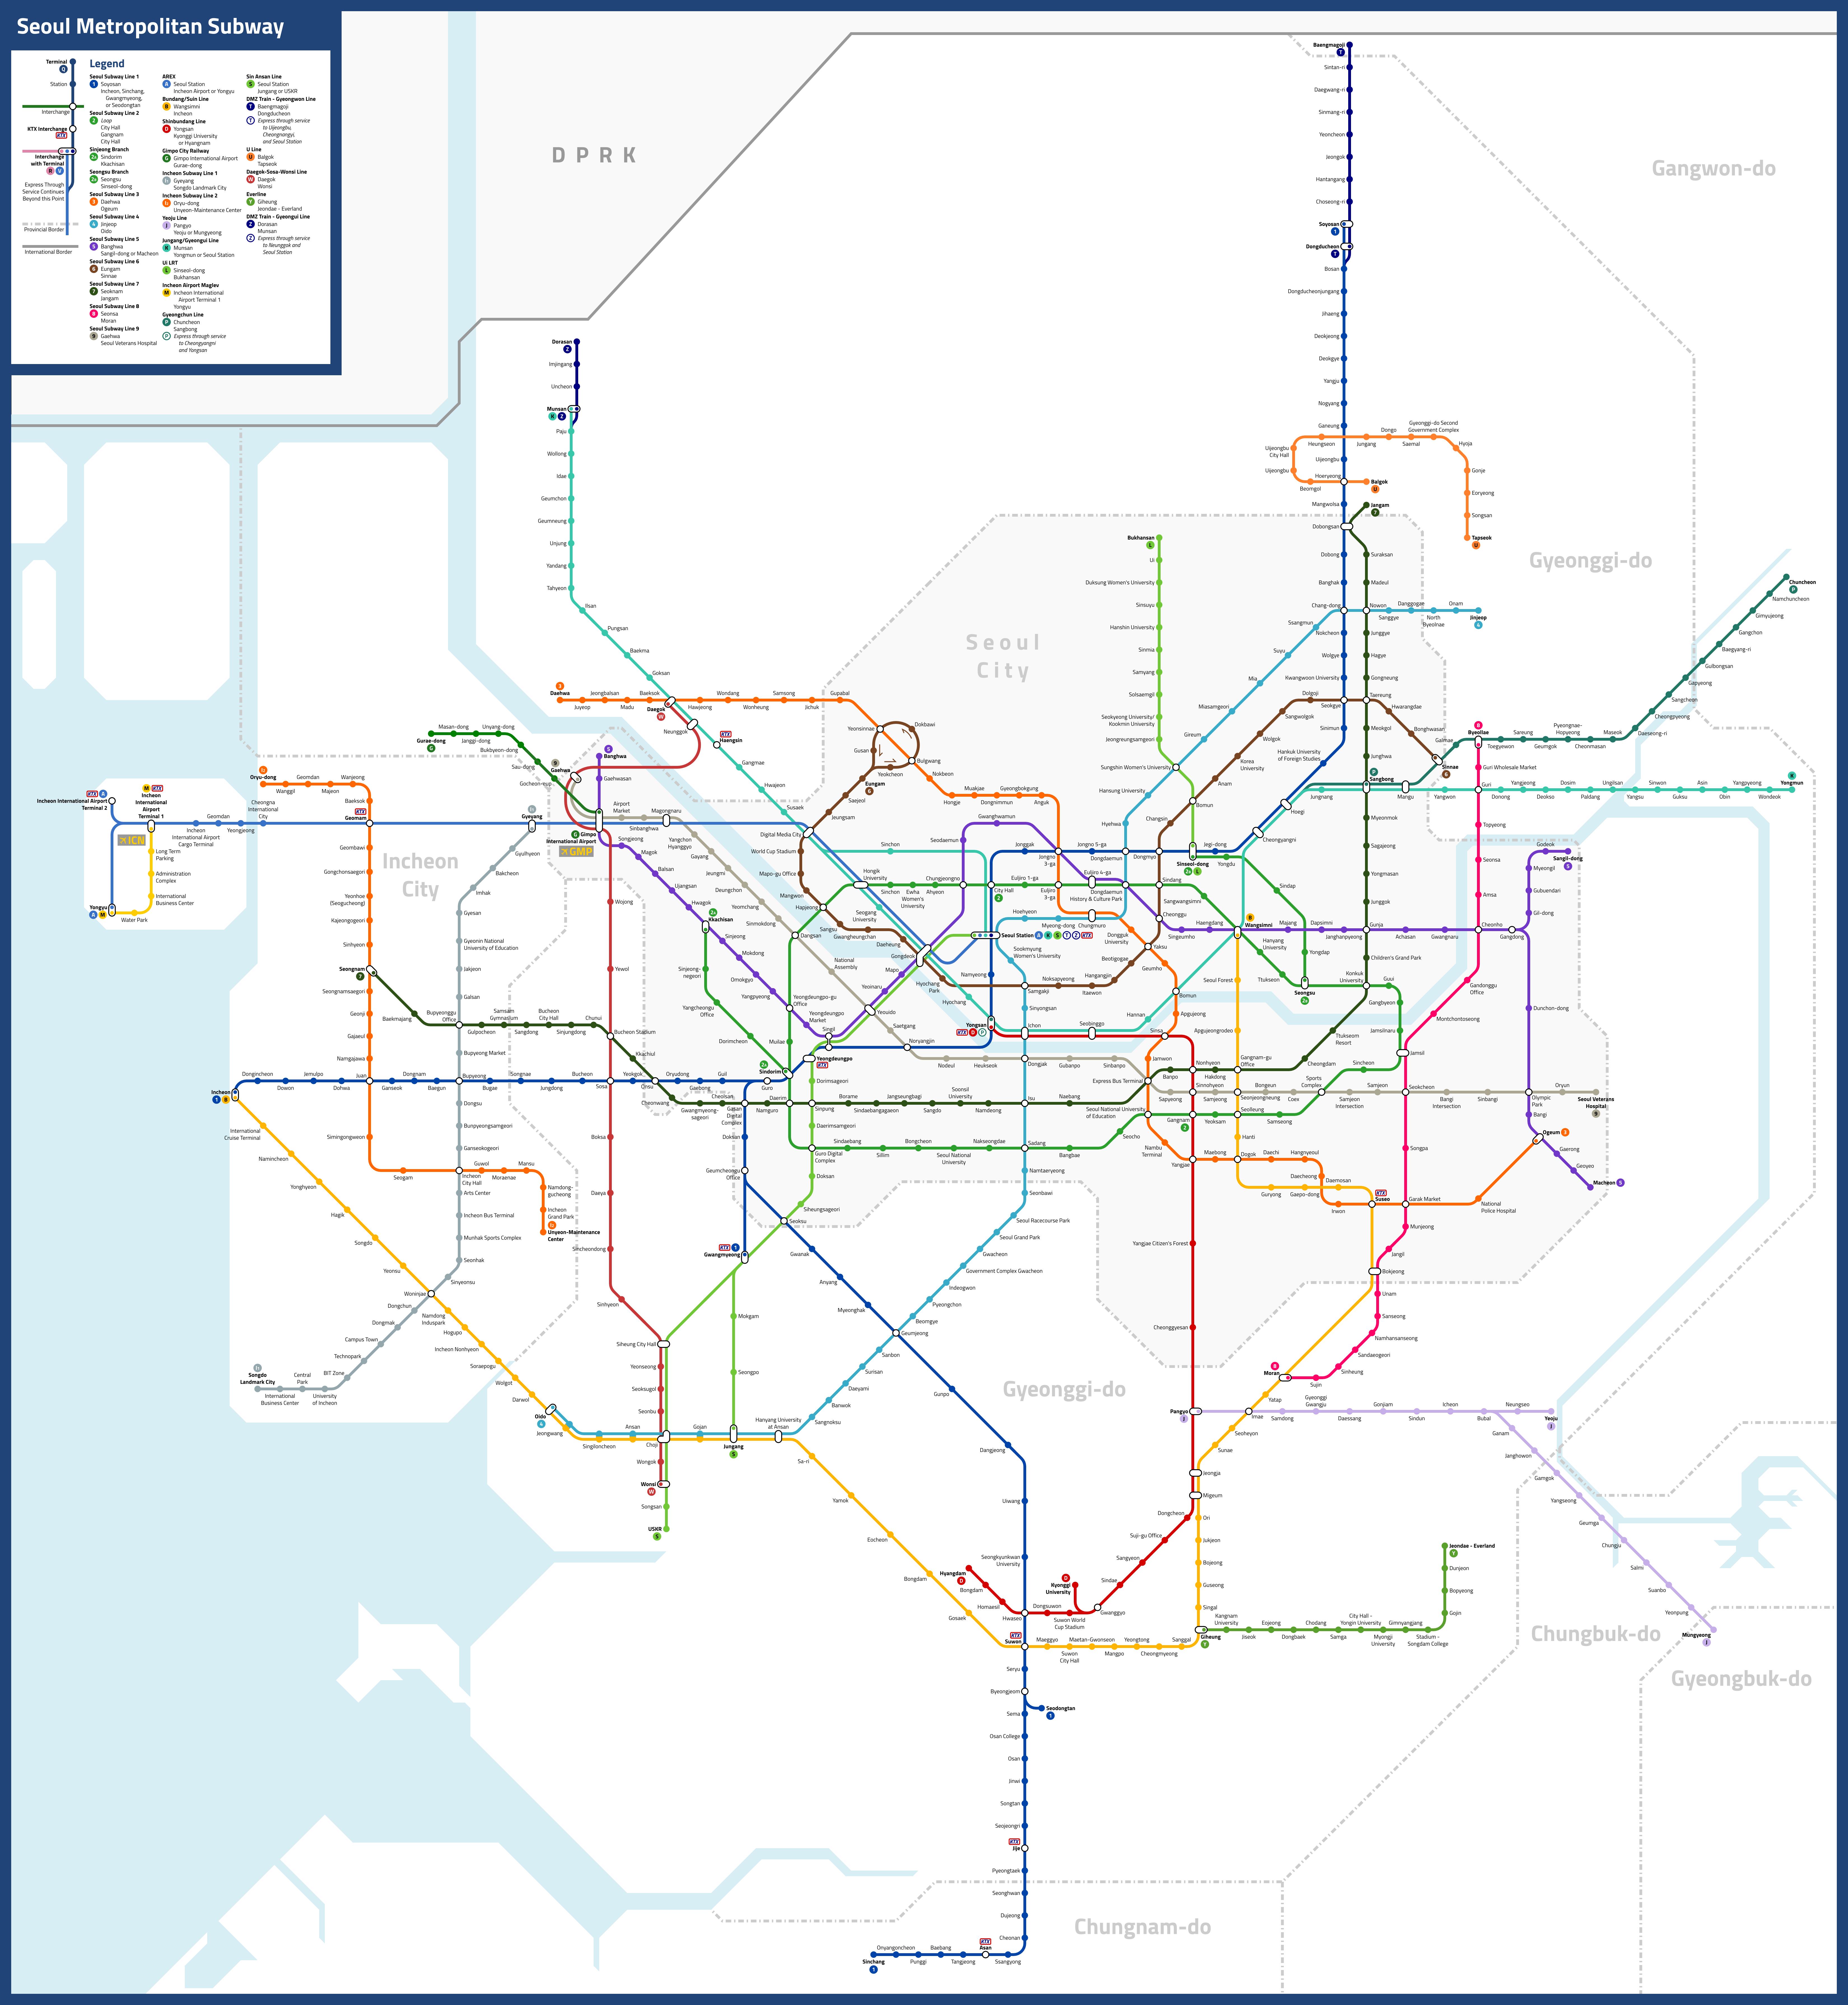 Seoul Metropolitan Subway Theodore Ditsek